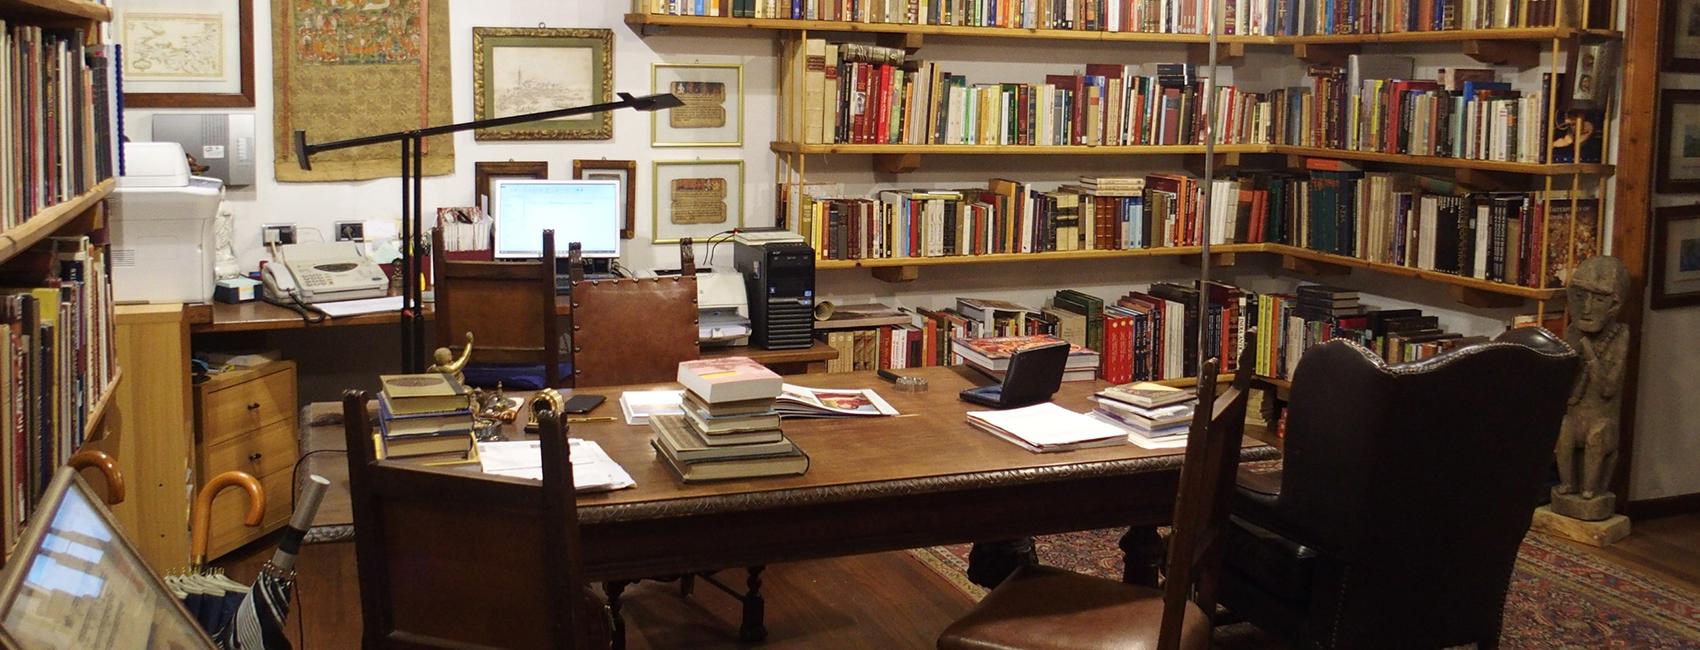 Libri dall 39 asia libri asiatici online studio for Ordinare libri on line